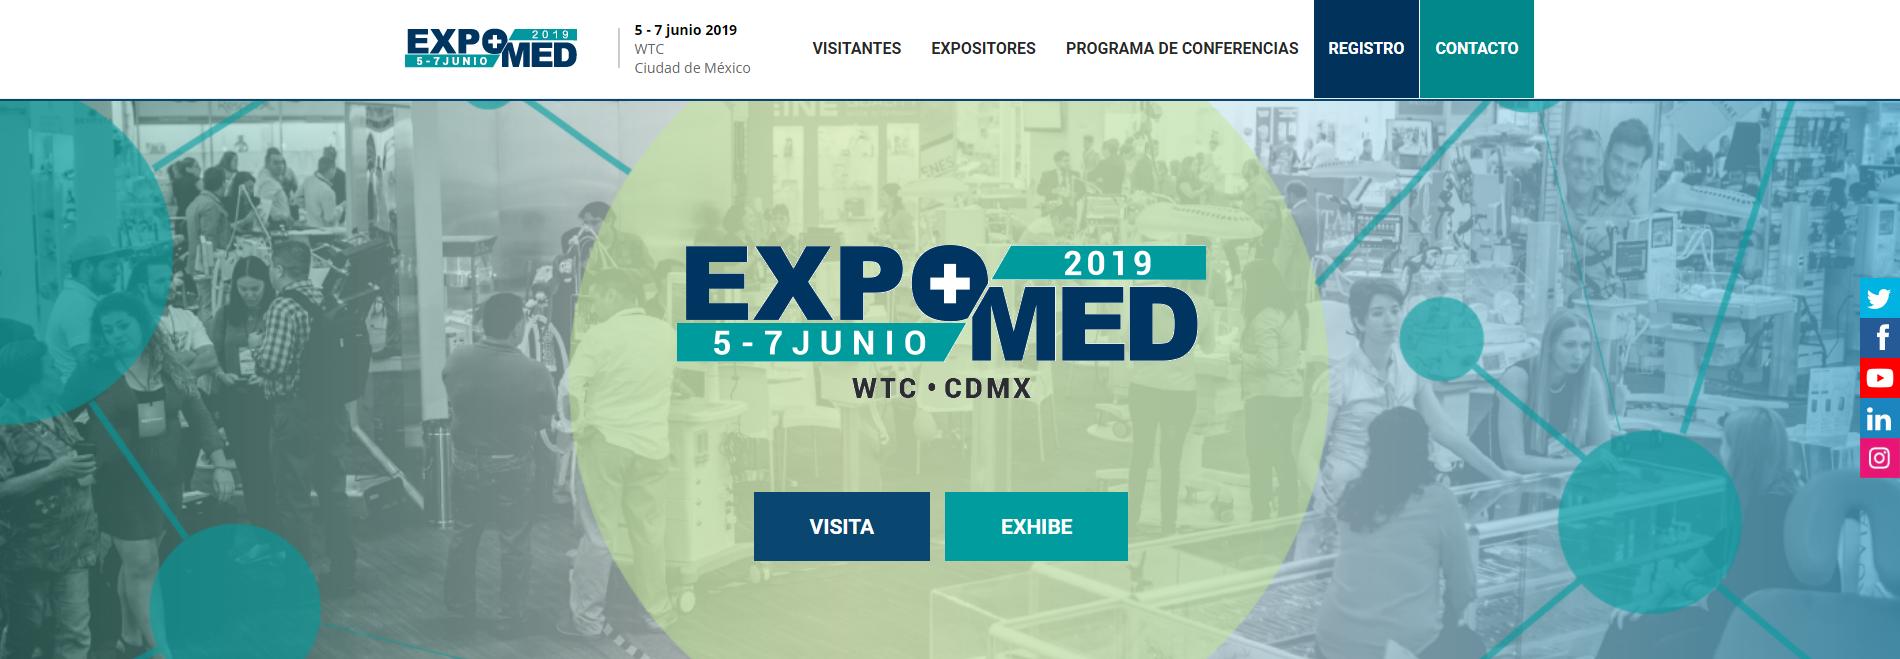 ExpoMed 2019 Evento Médico